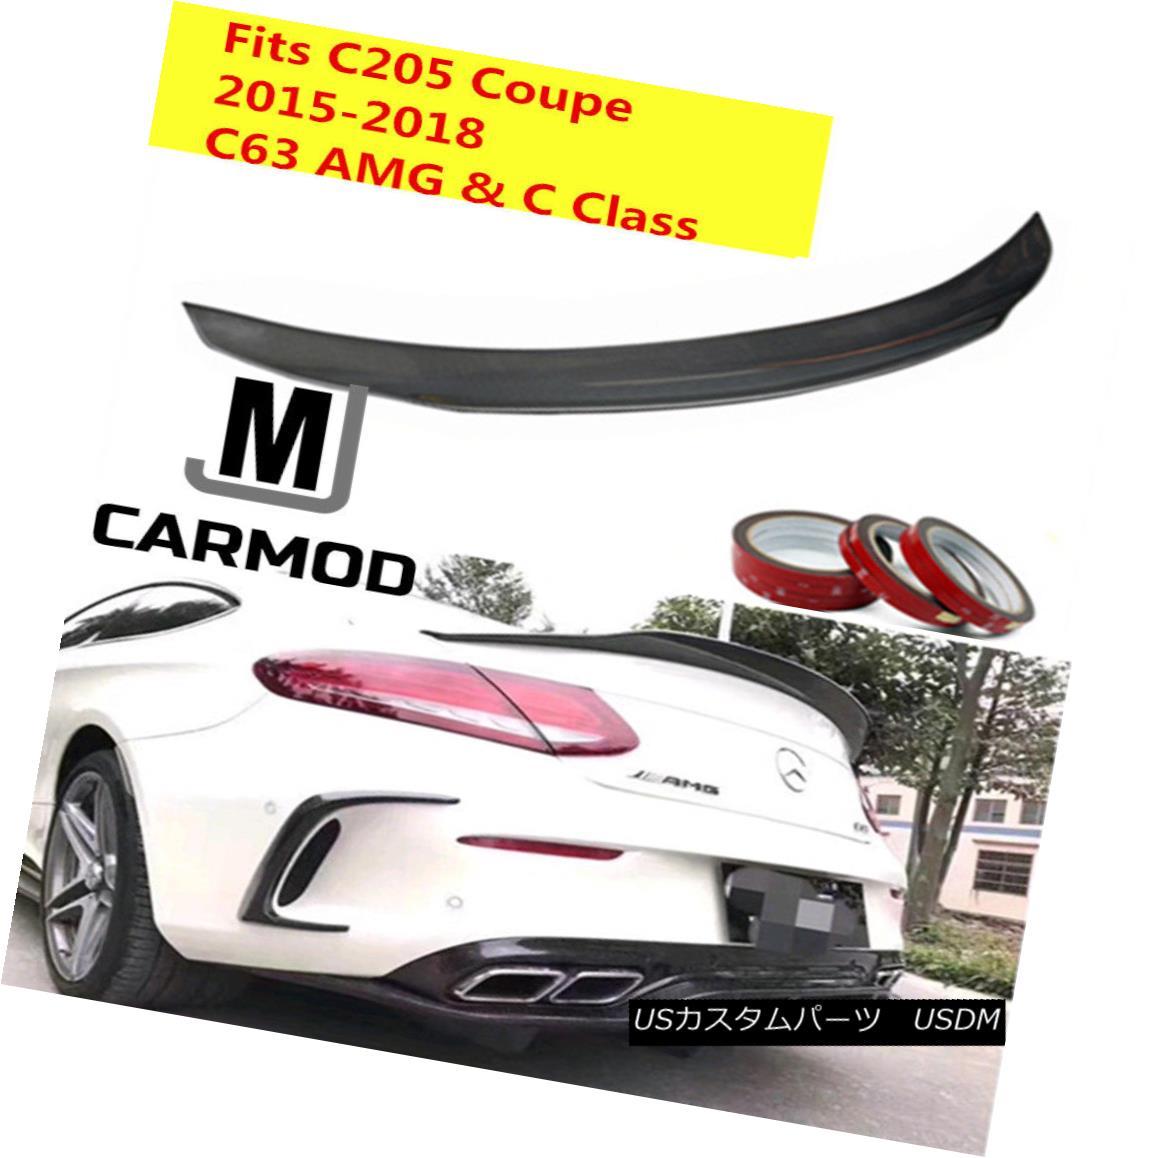 エアロパーツ PSM Style Carbon Fiber Trunk Spoiler Fit For MERCEDES-BENZ C205 C63 AMG Coupe MERCEDES-BENZ C205 C63 AMGクーペ用PSMスタイル炭素繊維トランク・スポイラー・フィット